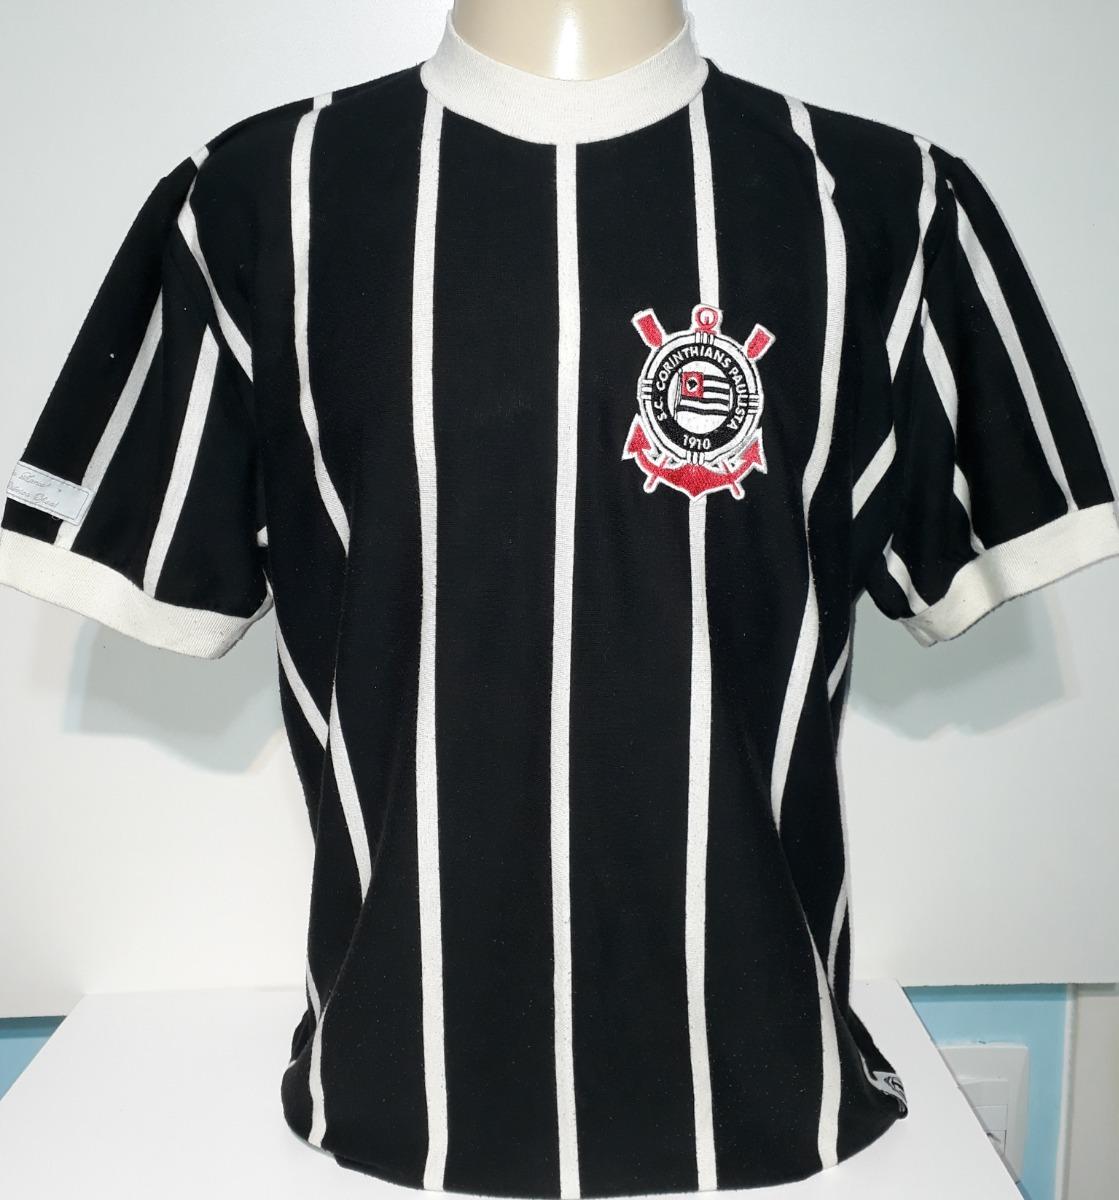 e684d970bbb1e camiseta corinthians retrô 1977 do jornal lance - l1. Carregando zoom.